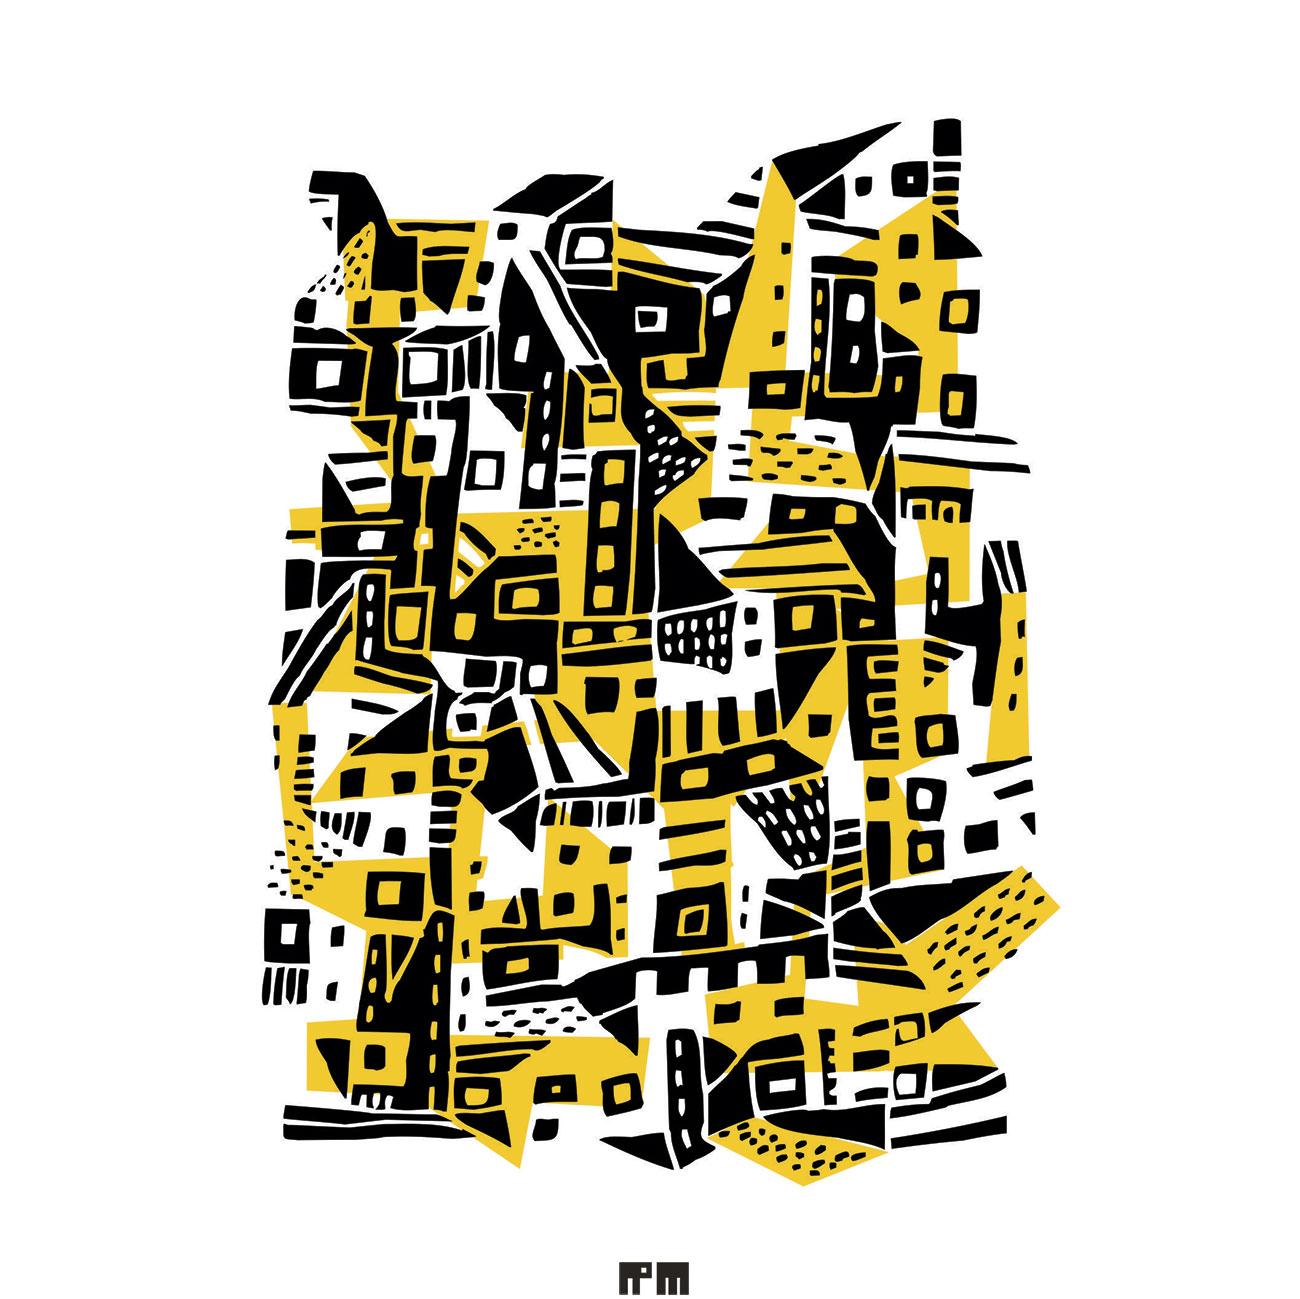 cidade-08-9-017_Aweb